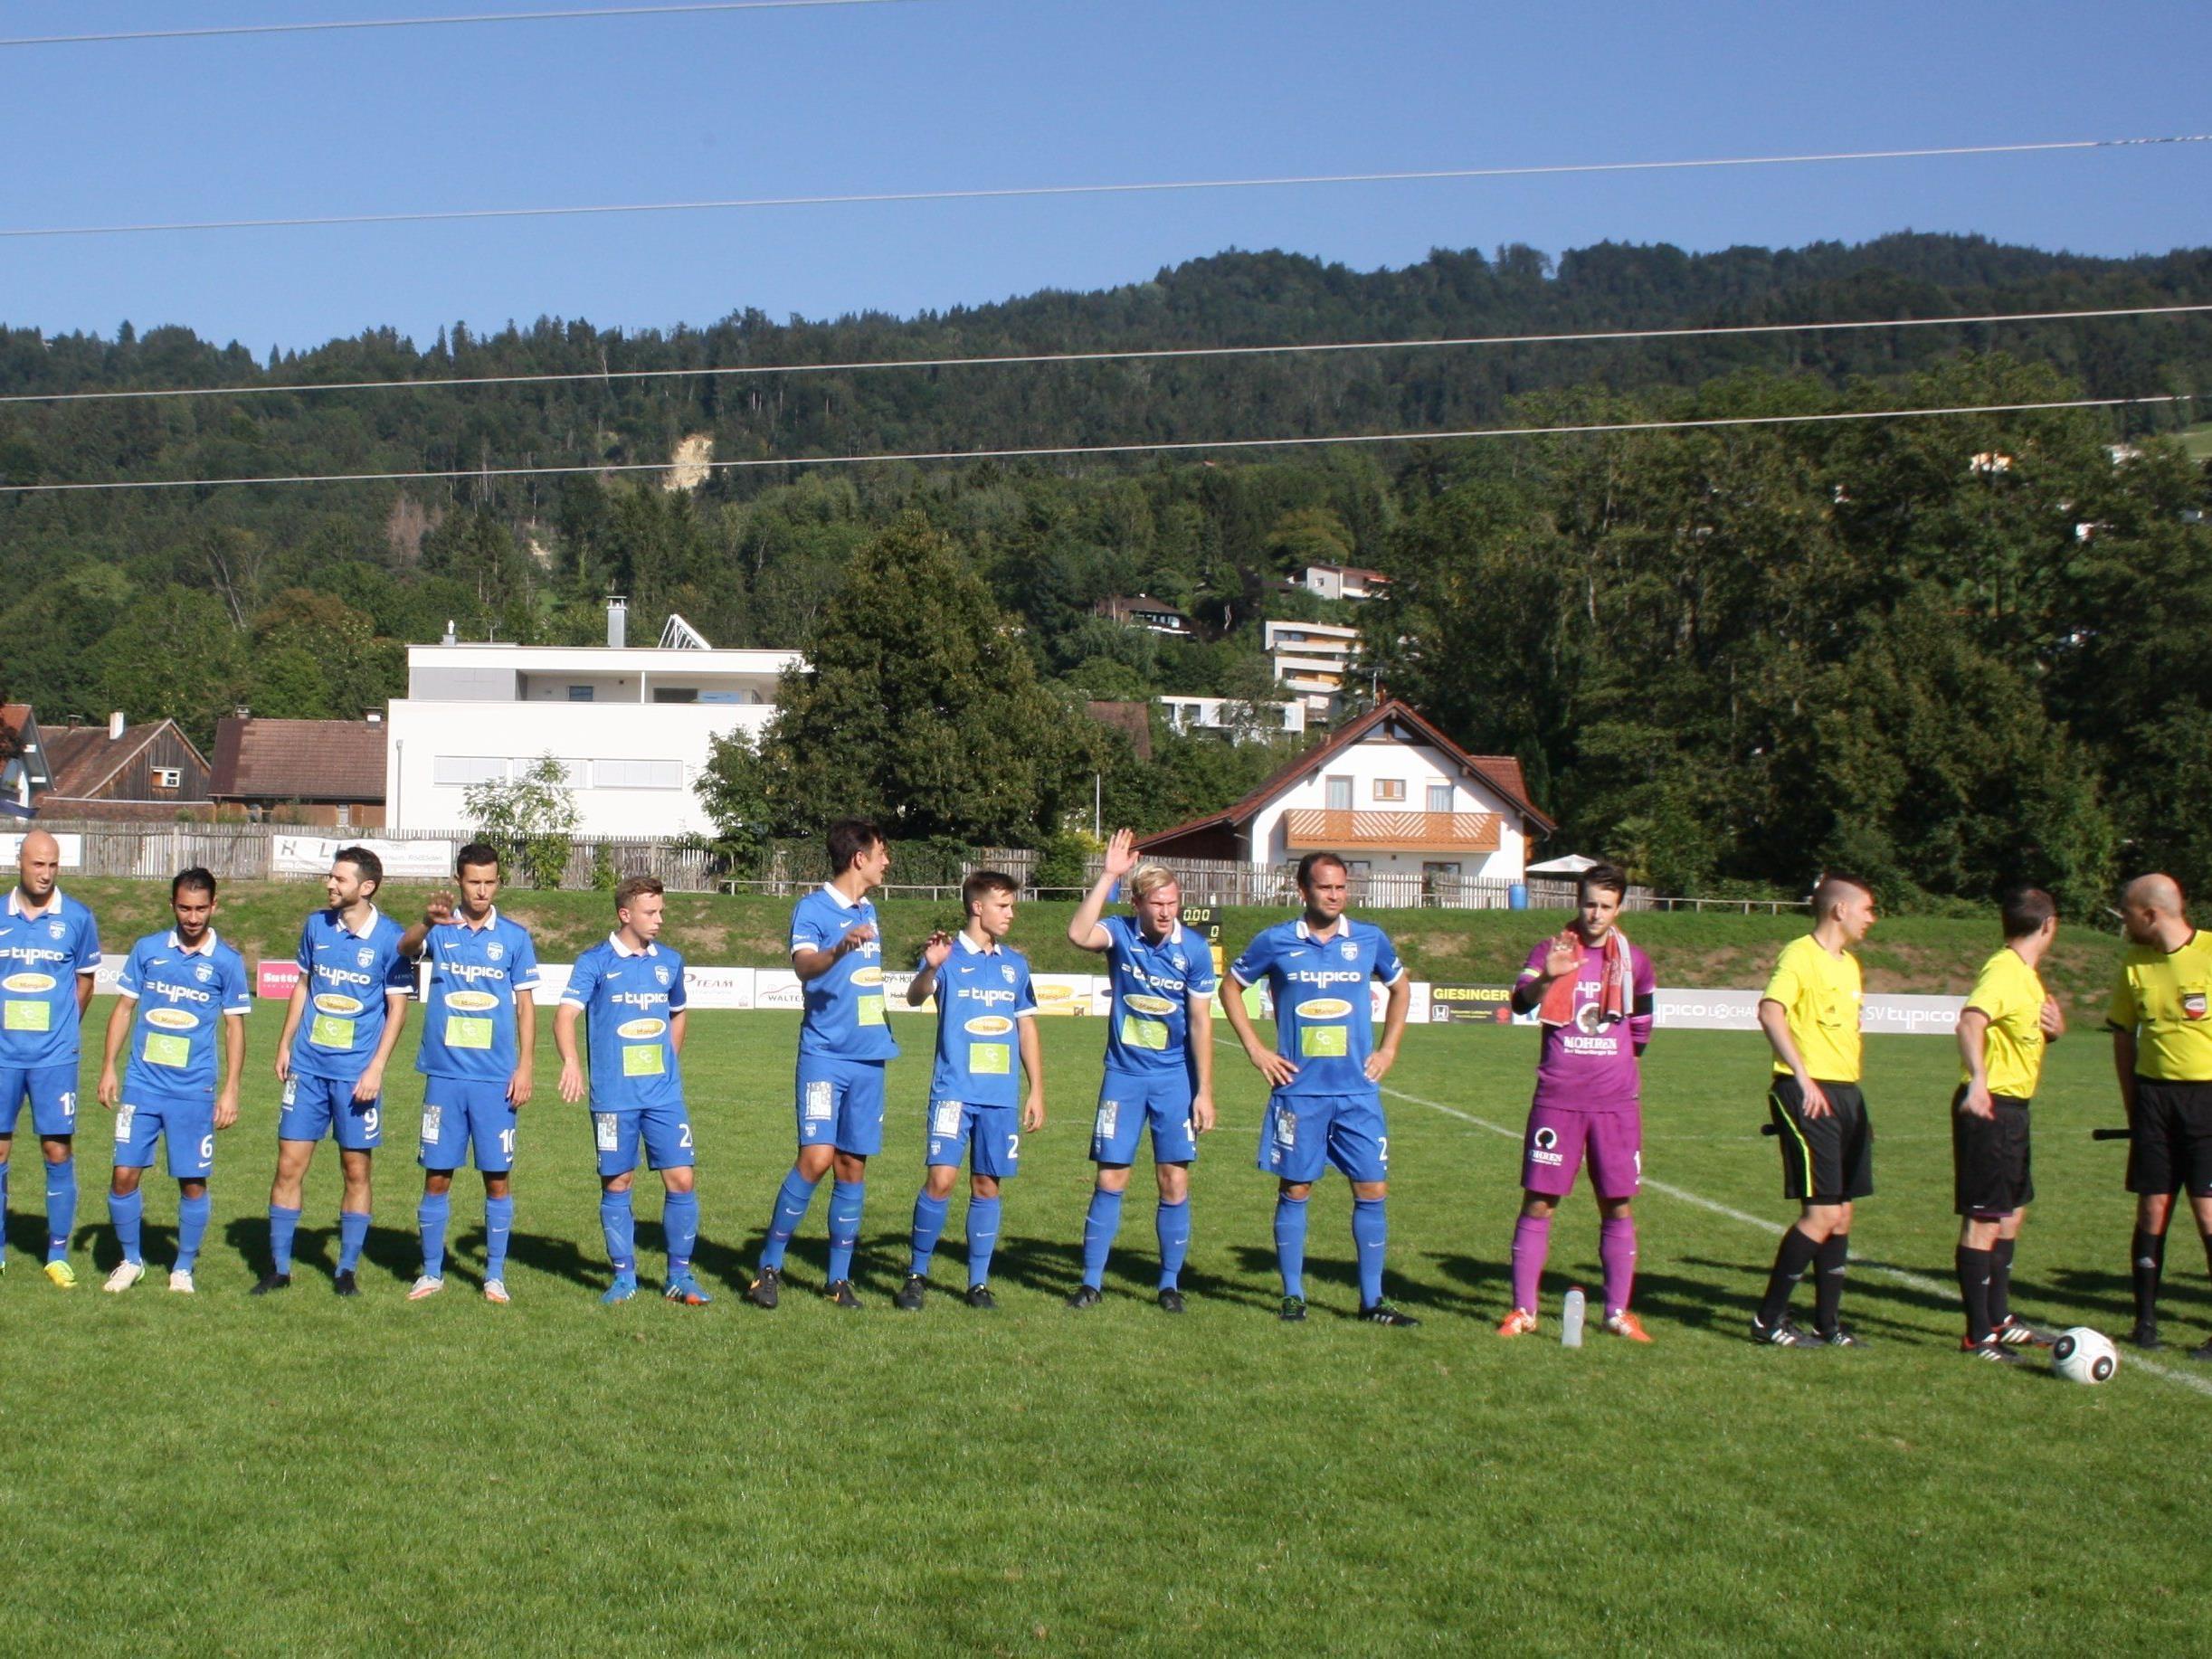 Die Kampfmannschaft des SV Typico Lochau holte gegen Koblach die ersten drei Punkte in der laufenden Meisterschaft.